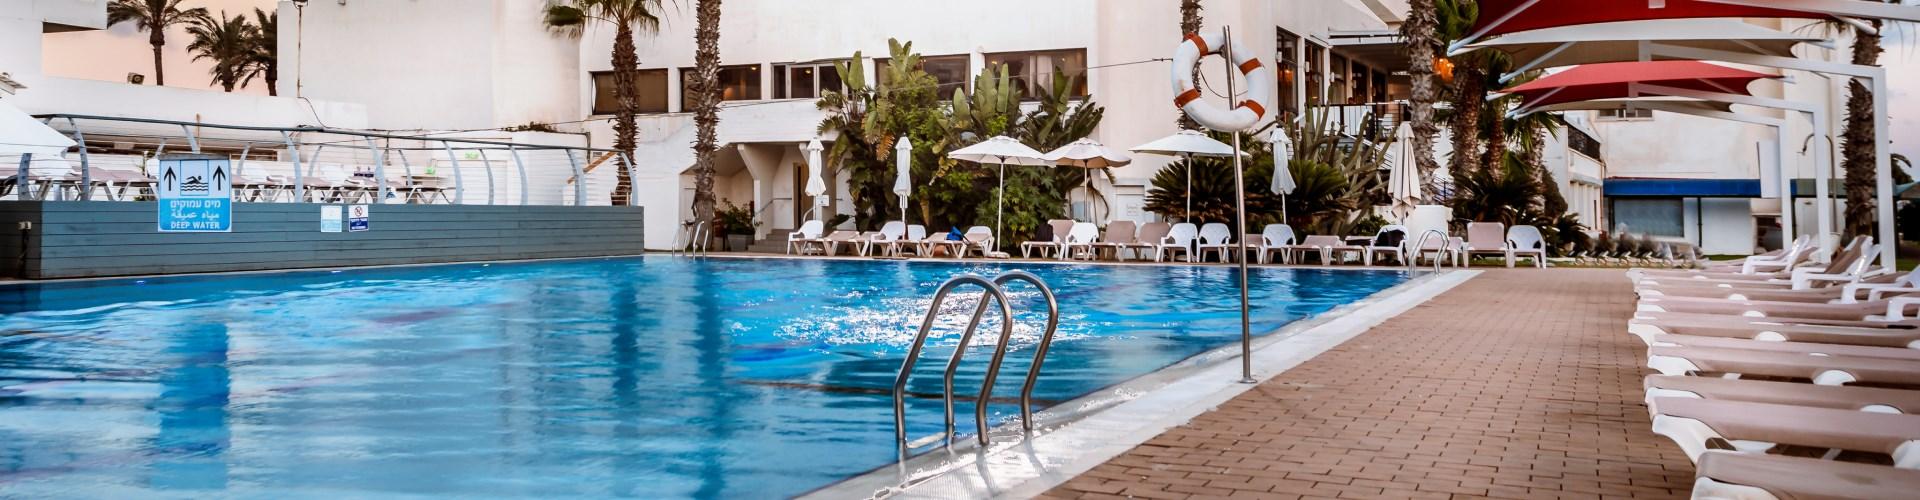 מתקני המלון חוף התמרים עכו